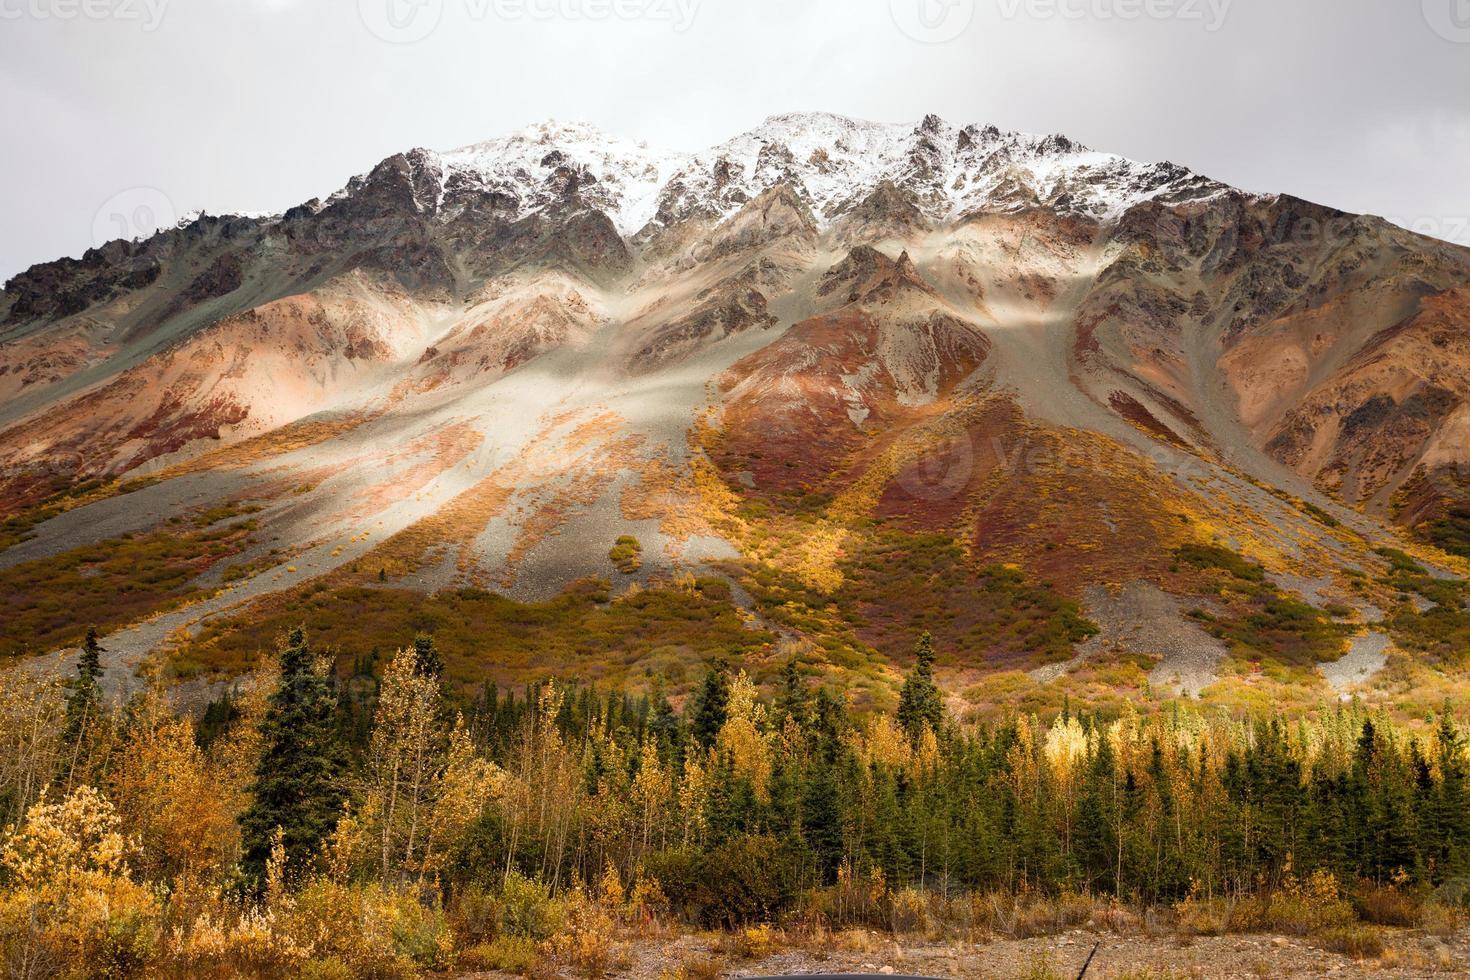 cor do outono pico coberto de neve intervalo do alasca outono outono foto